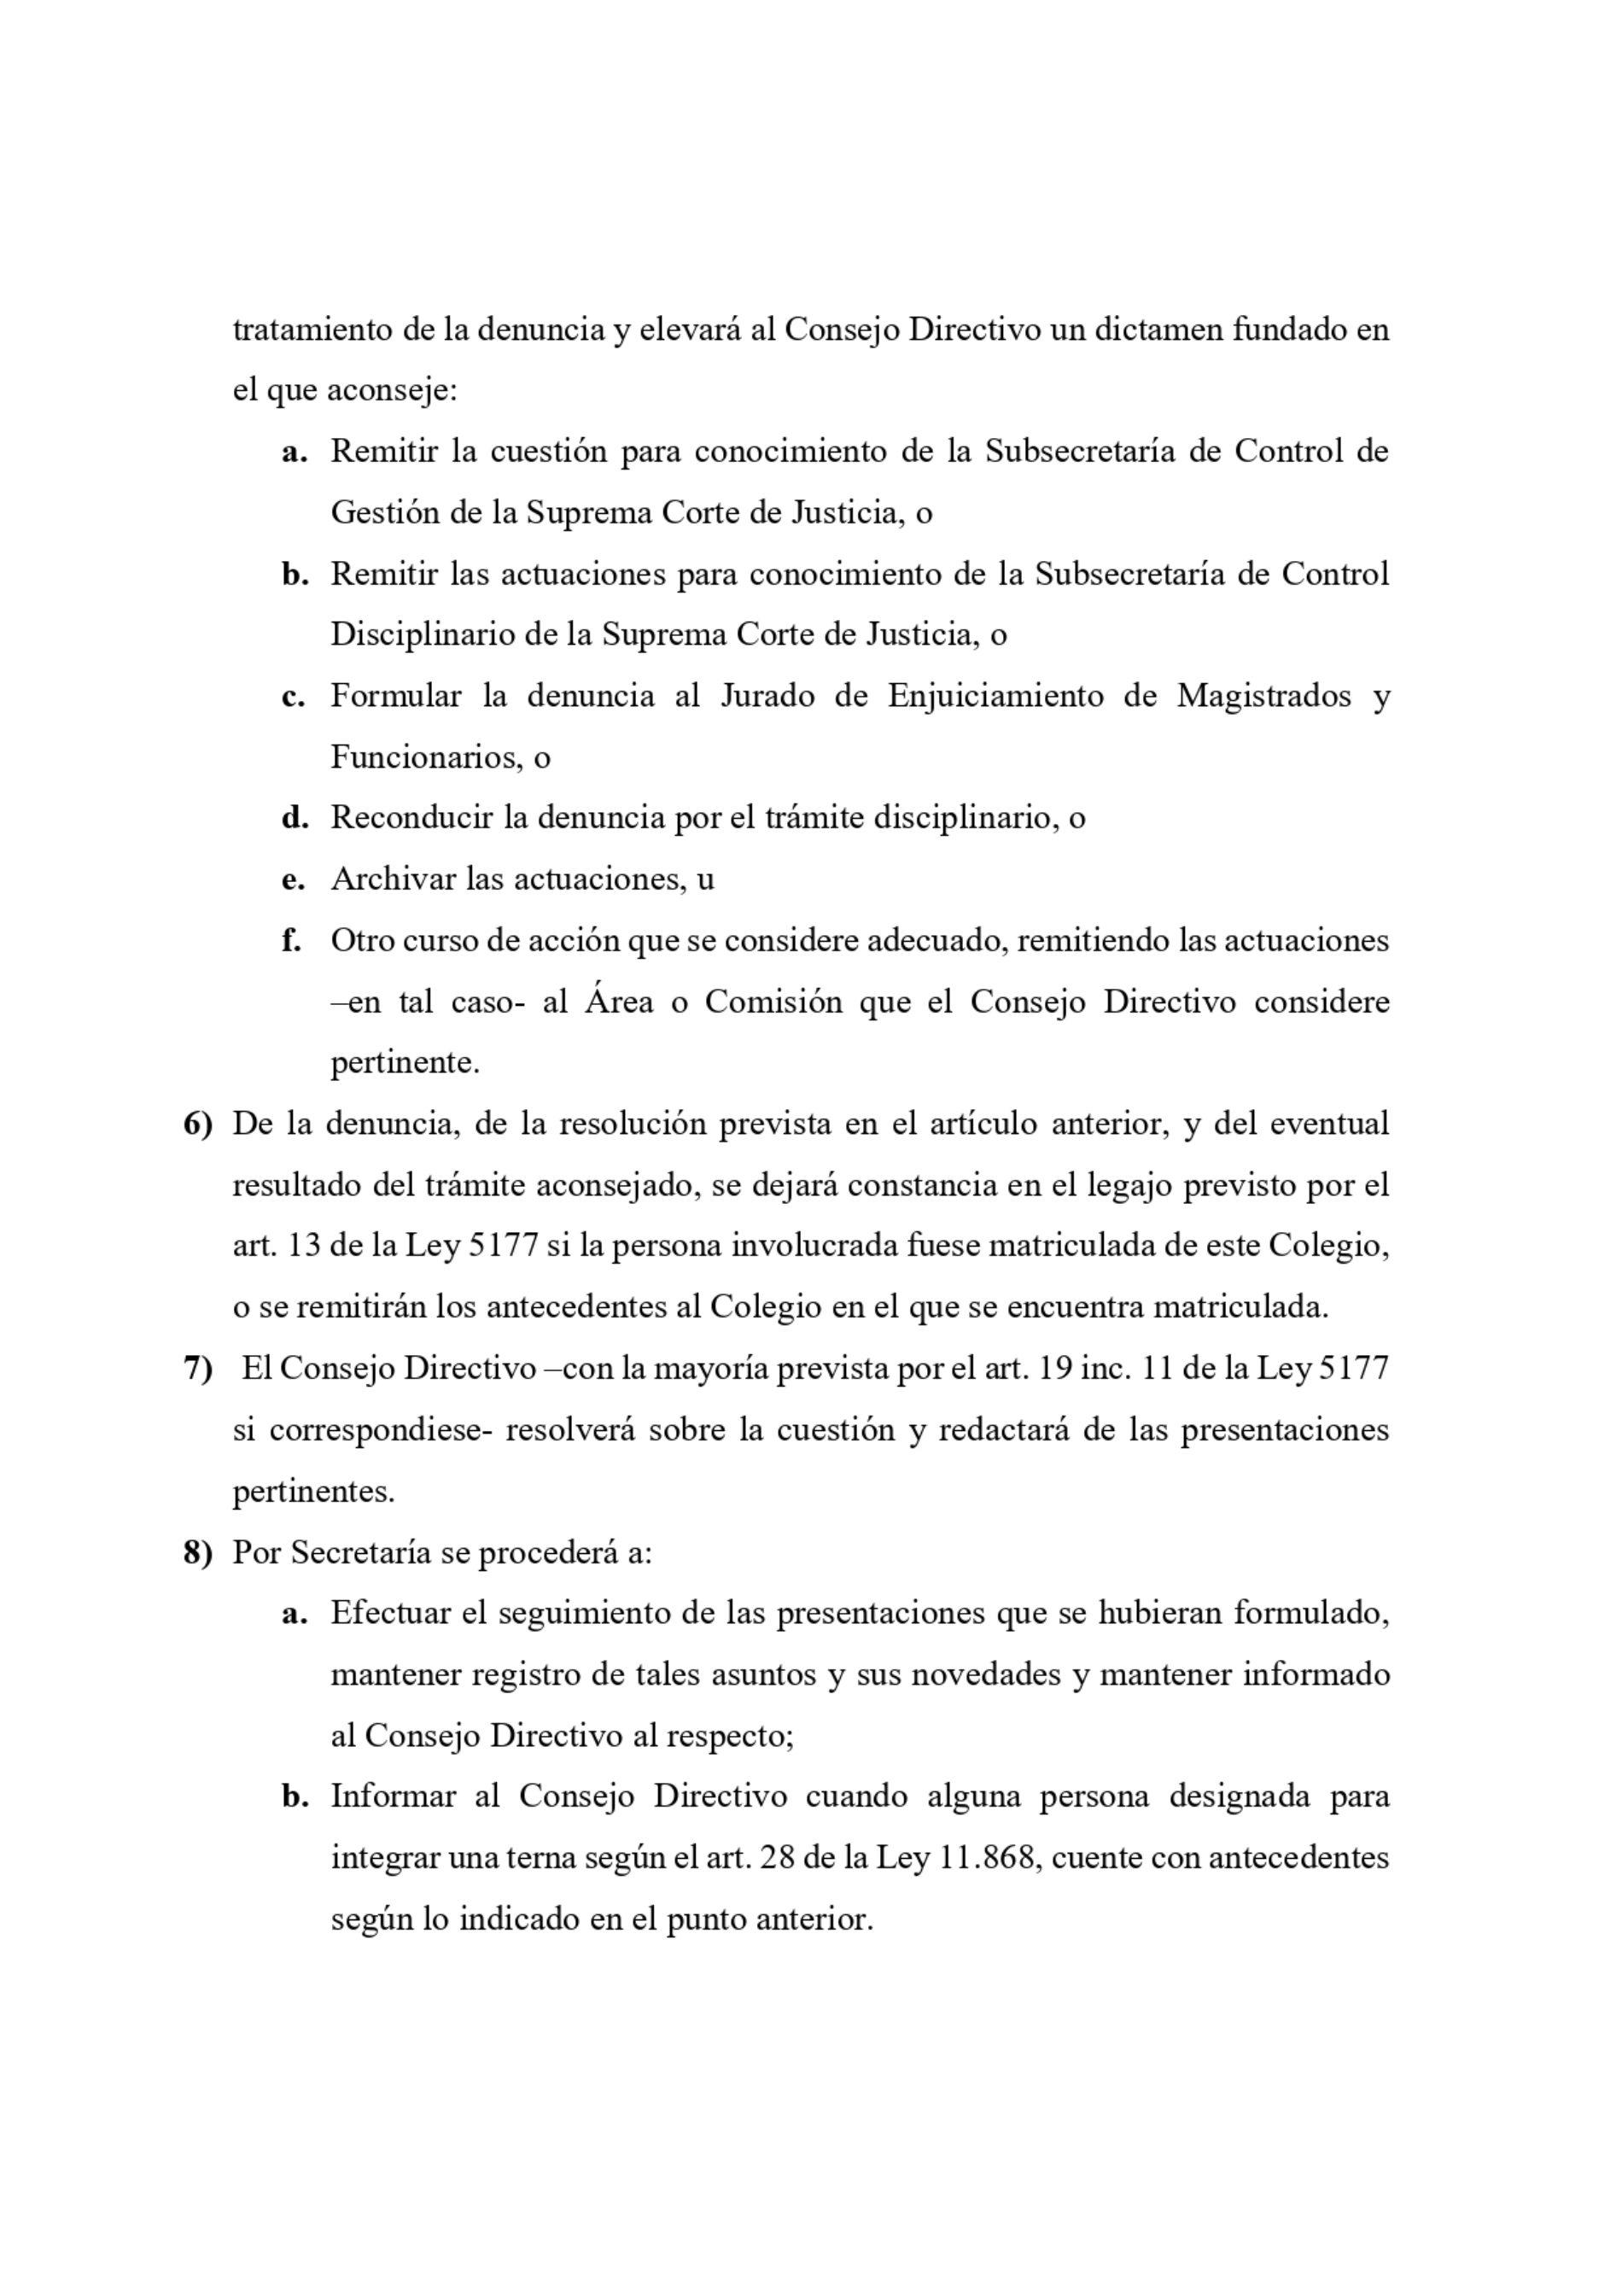 Colegio de Abogados de La Plata: » Protocolo de Defensa de los Derechos y Prerrogativas de la Abogacía «